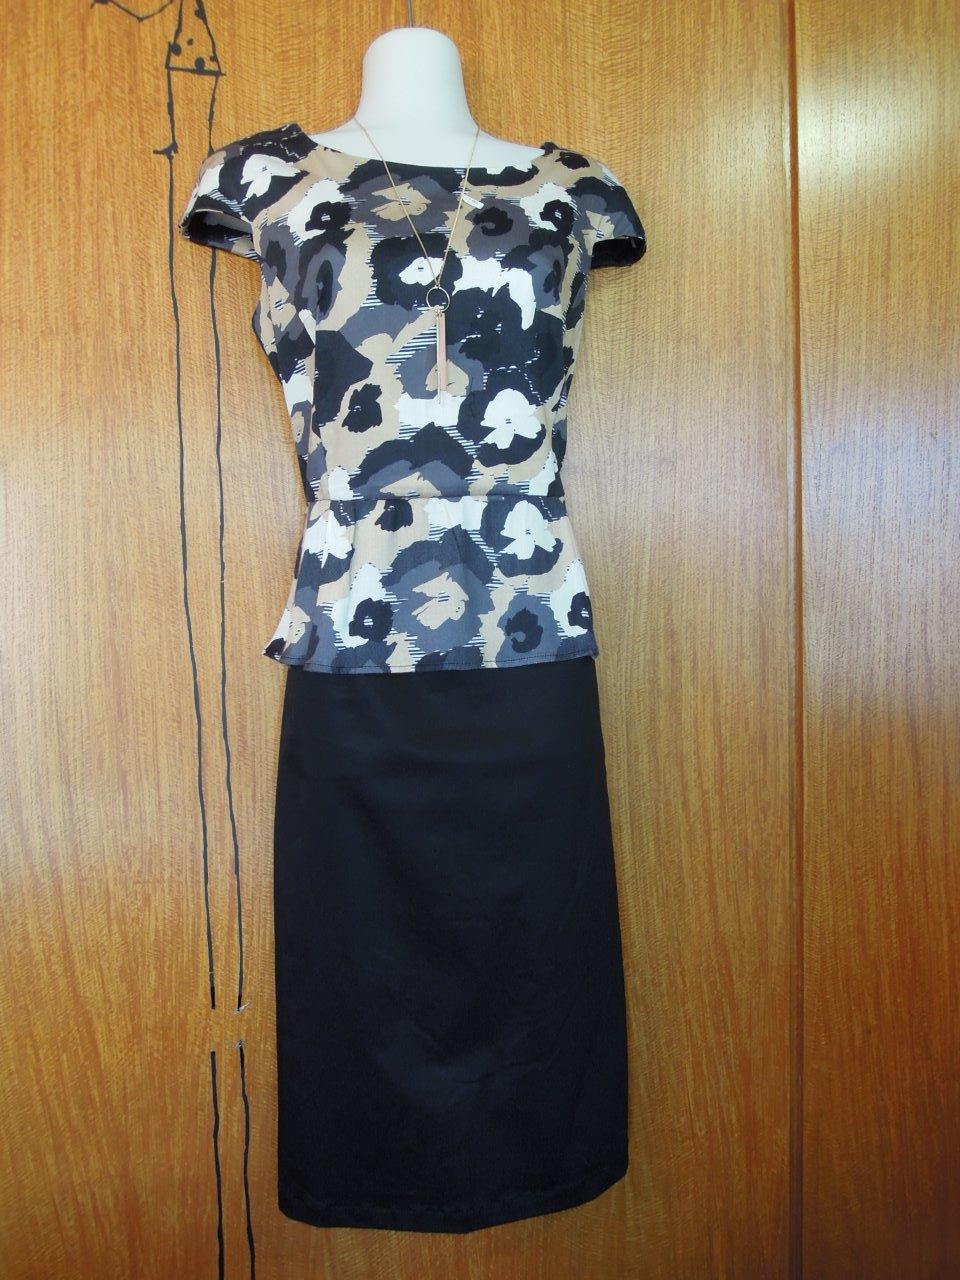 dressing-des-tendances-robe-noir-blanc-noumea-nouvelle-caledonie.nc.jpg